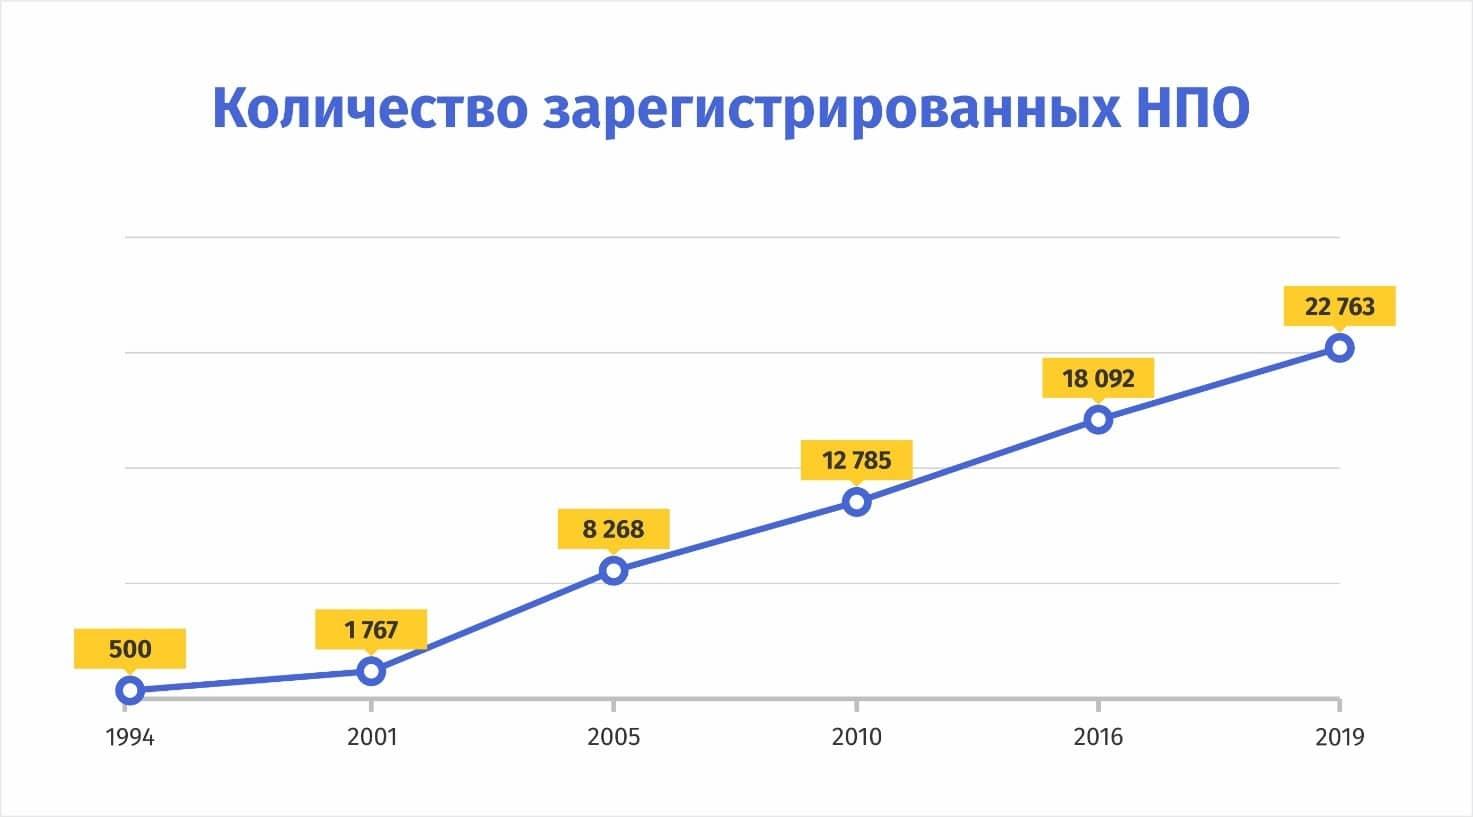 Гражданский сектор НПО Казахстана